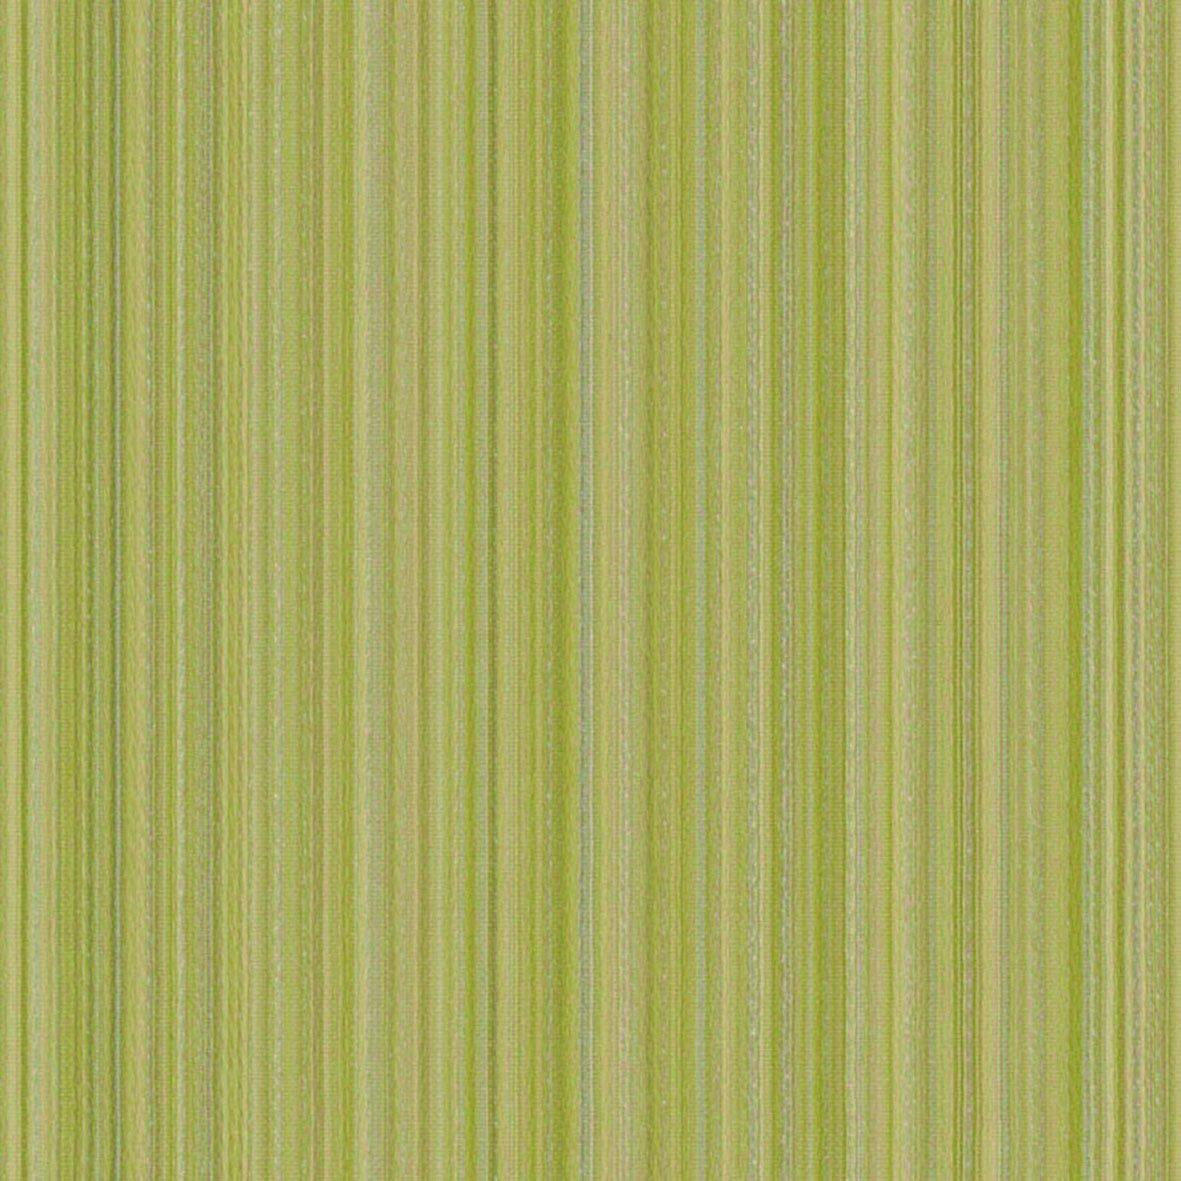 リリカラ 壁紙35m シック ストライプ グリーン LL-8741 B01MRH6U7H 35m|グリーン